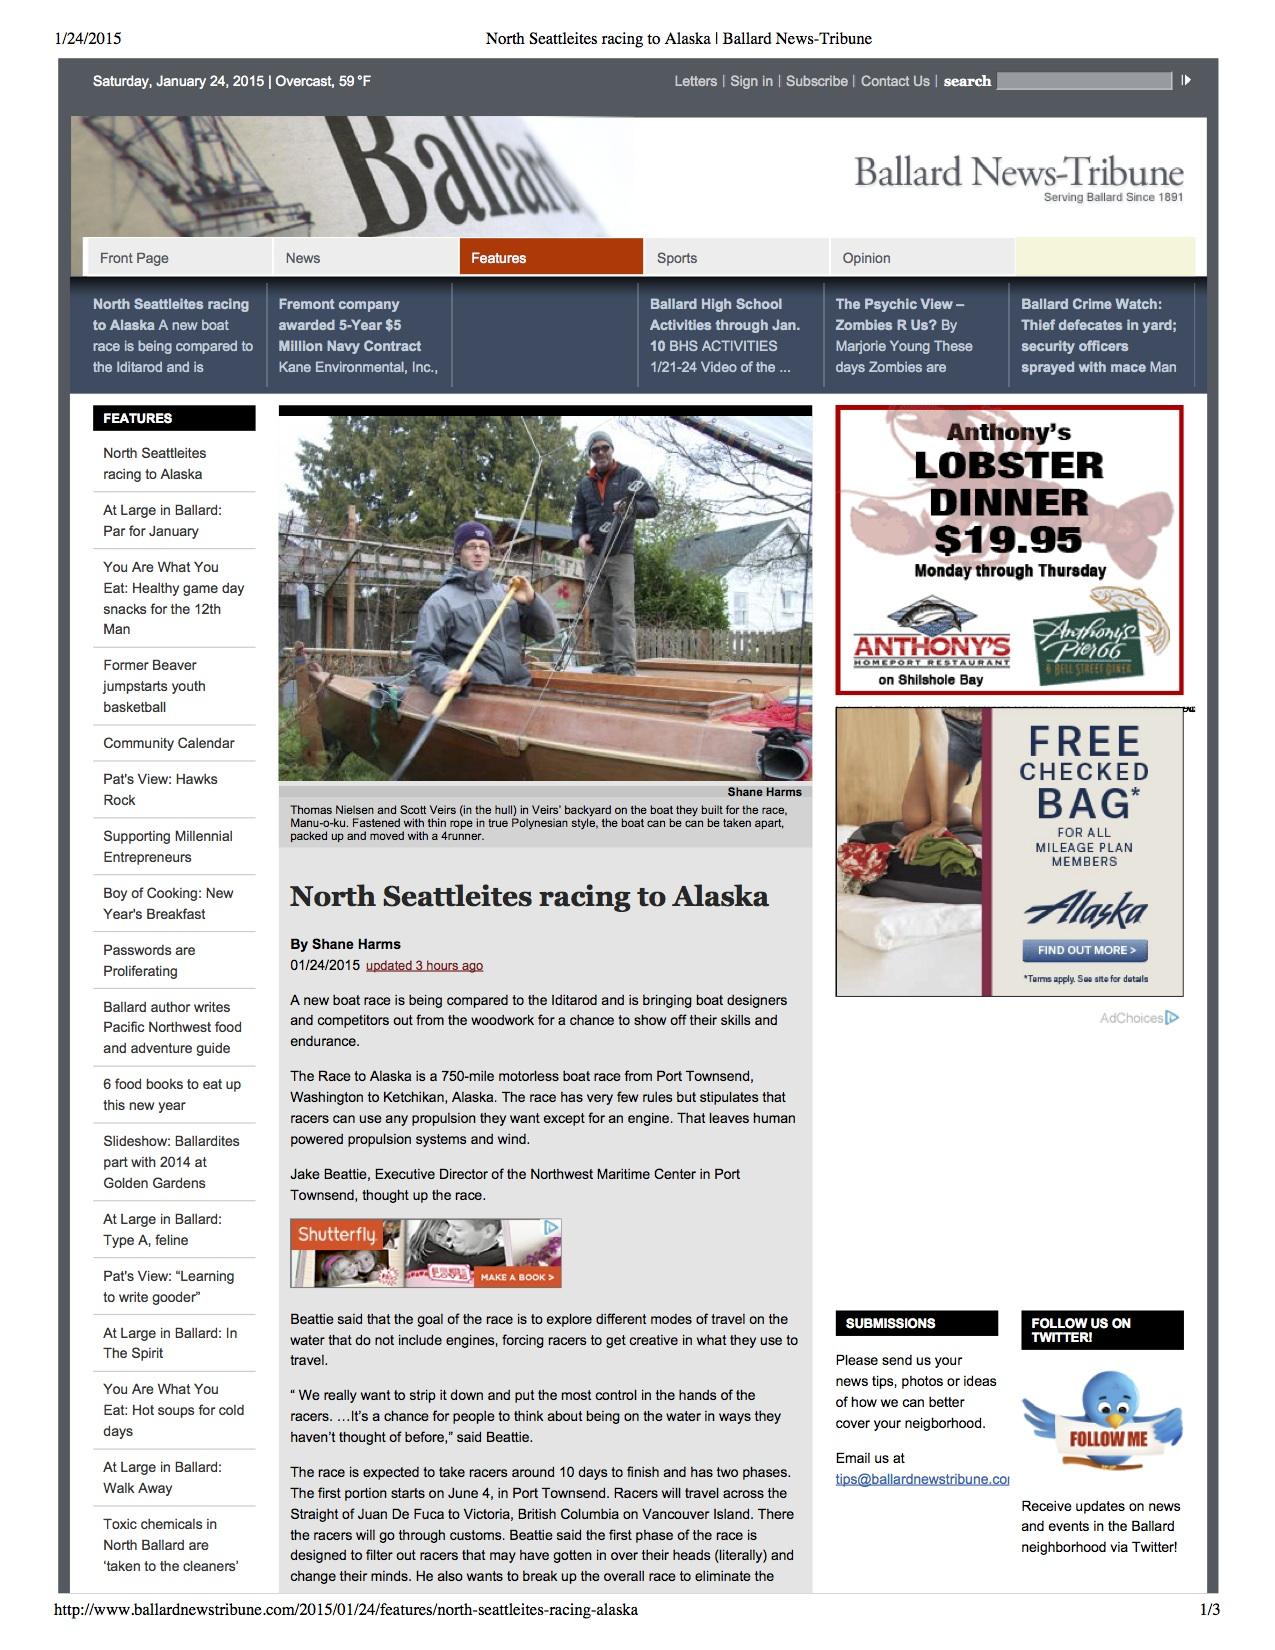 Ballard News Tribune